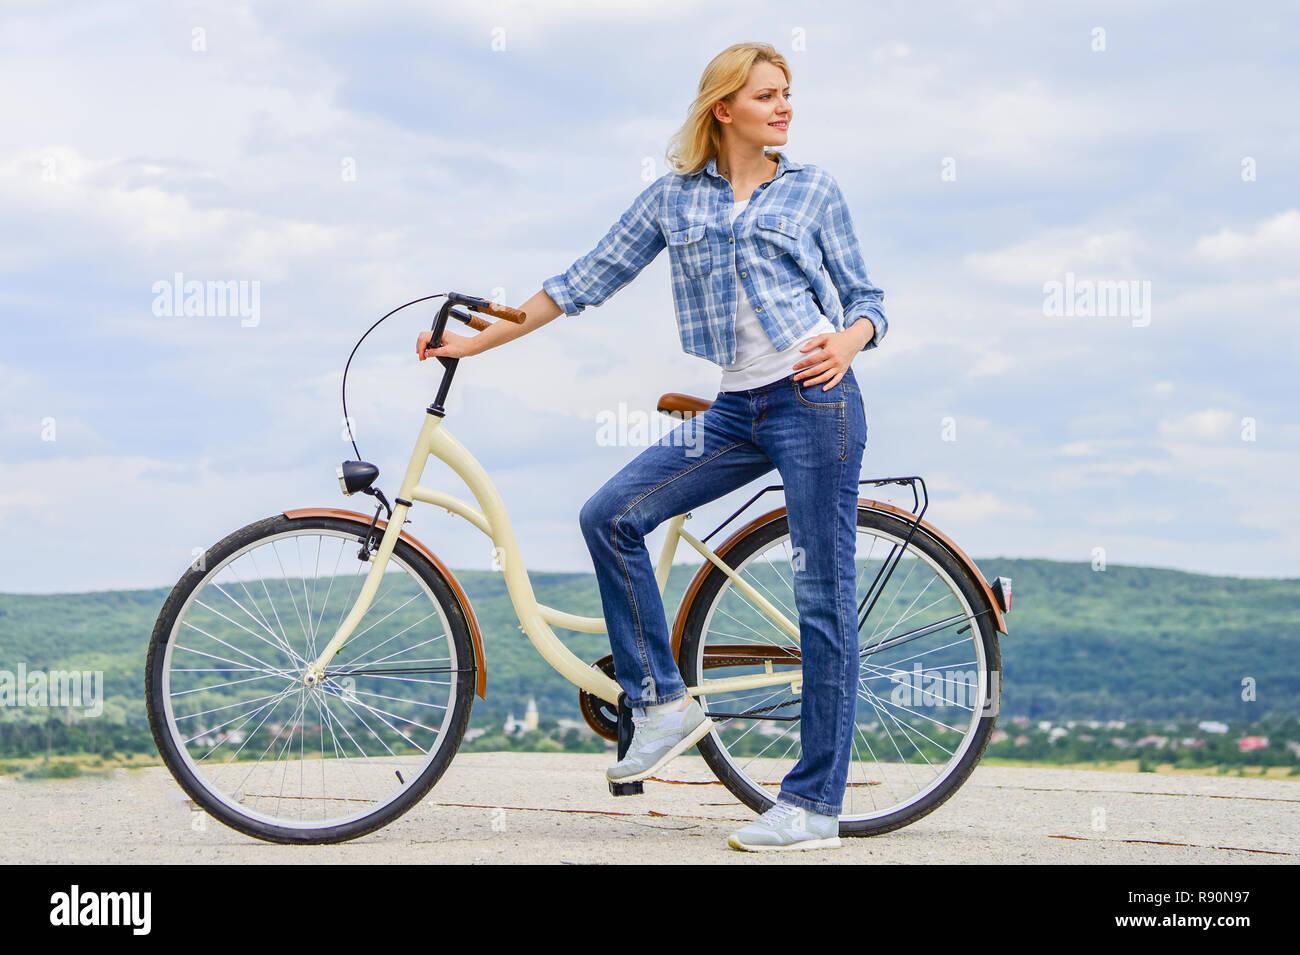 Beneficios de la bicicleta todos los días. Manténgase en forma fácil de forma regular con el ciclismo. Chica ride cruiser bicicleta. Beneficios para la salud de ciclismo regular. Razones para andar en bicicleta. Mujer, paseos en bicicleta de fondo del cielo. Imagen De Stock